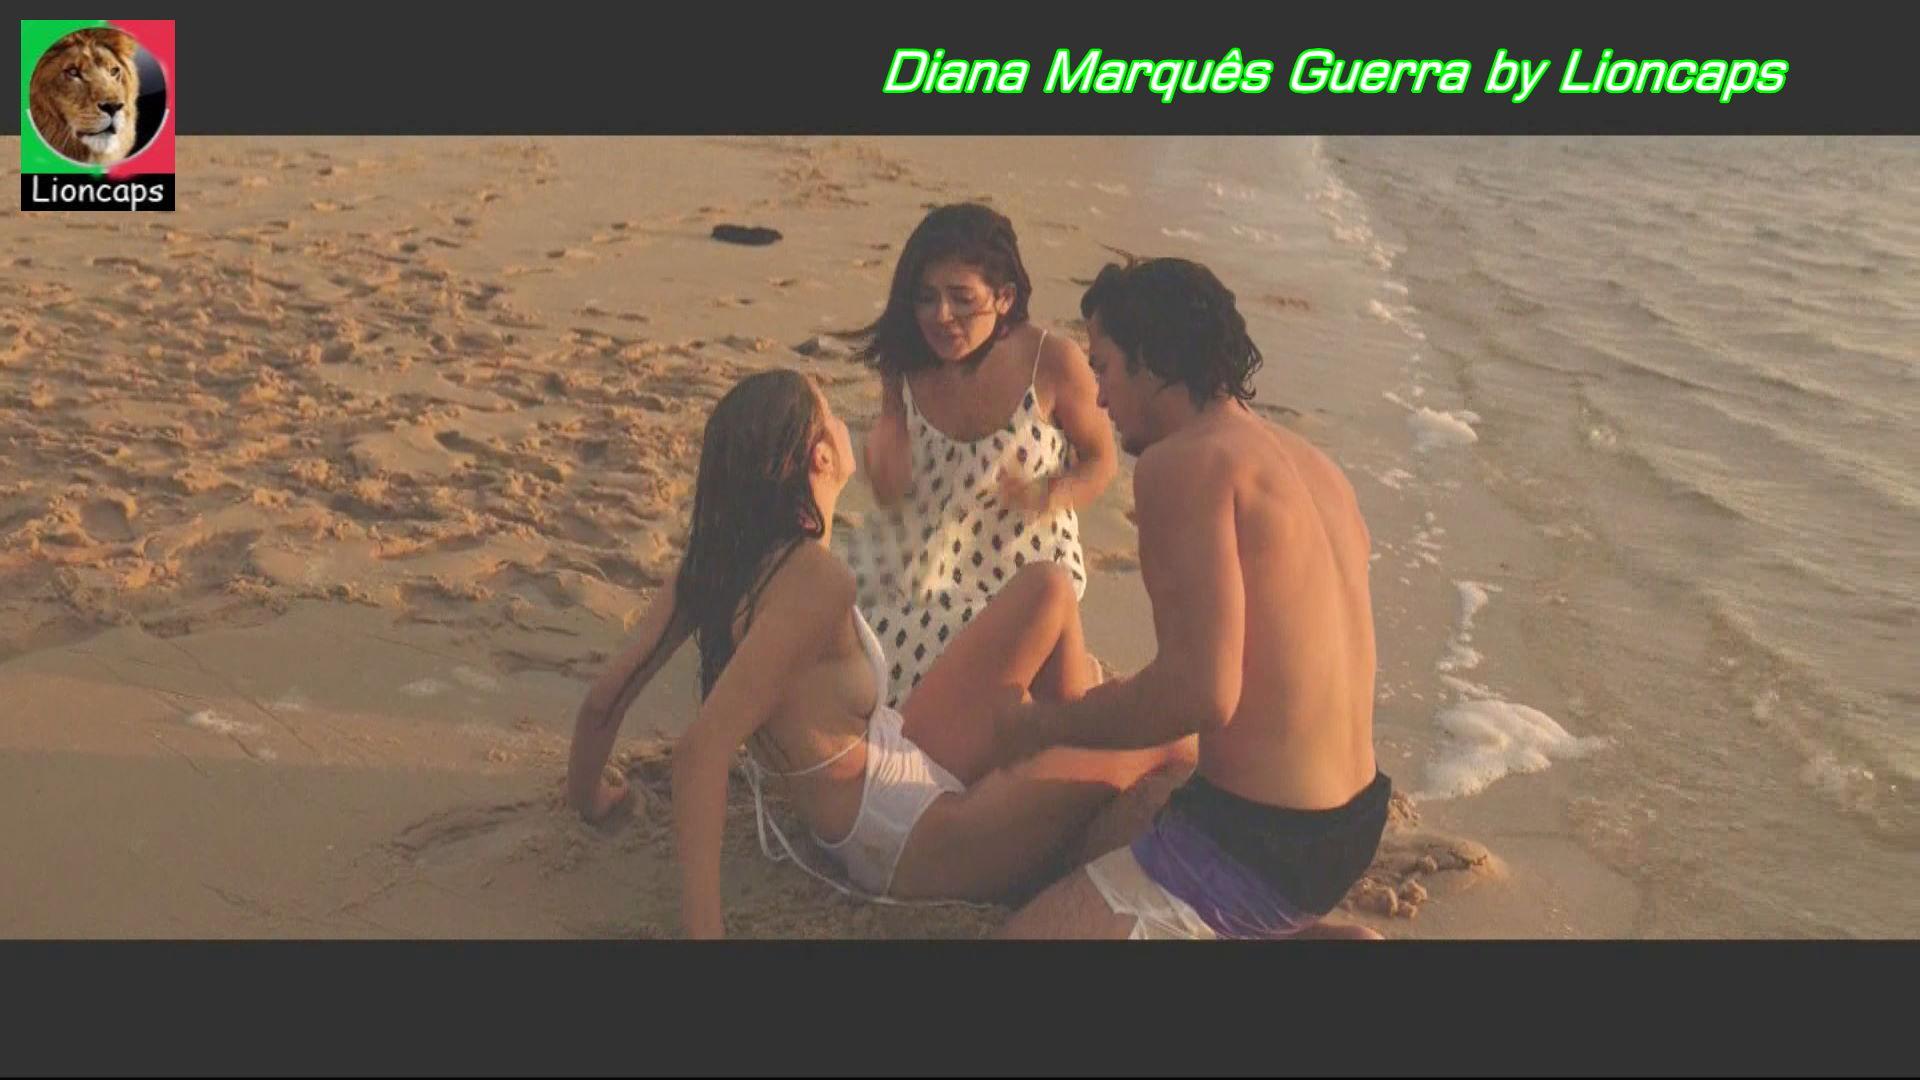 249276681_diana_marques_guerra_vs181117_00112_122_41lo.JPG